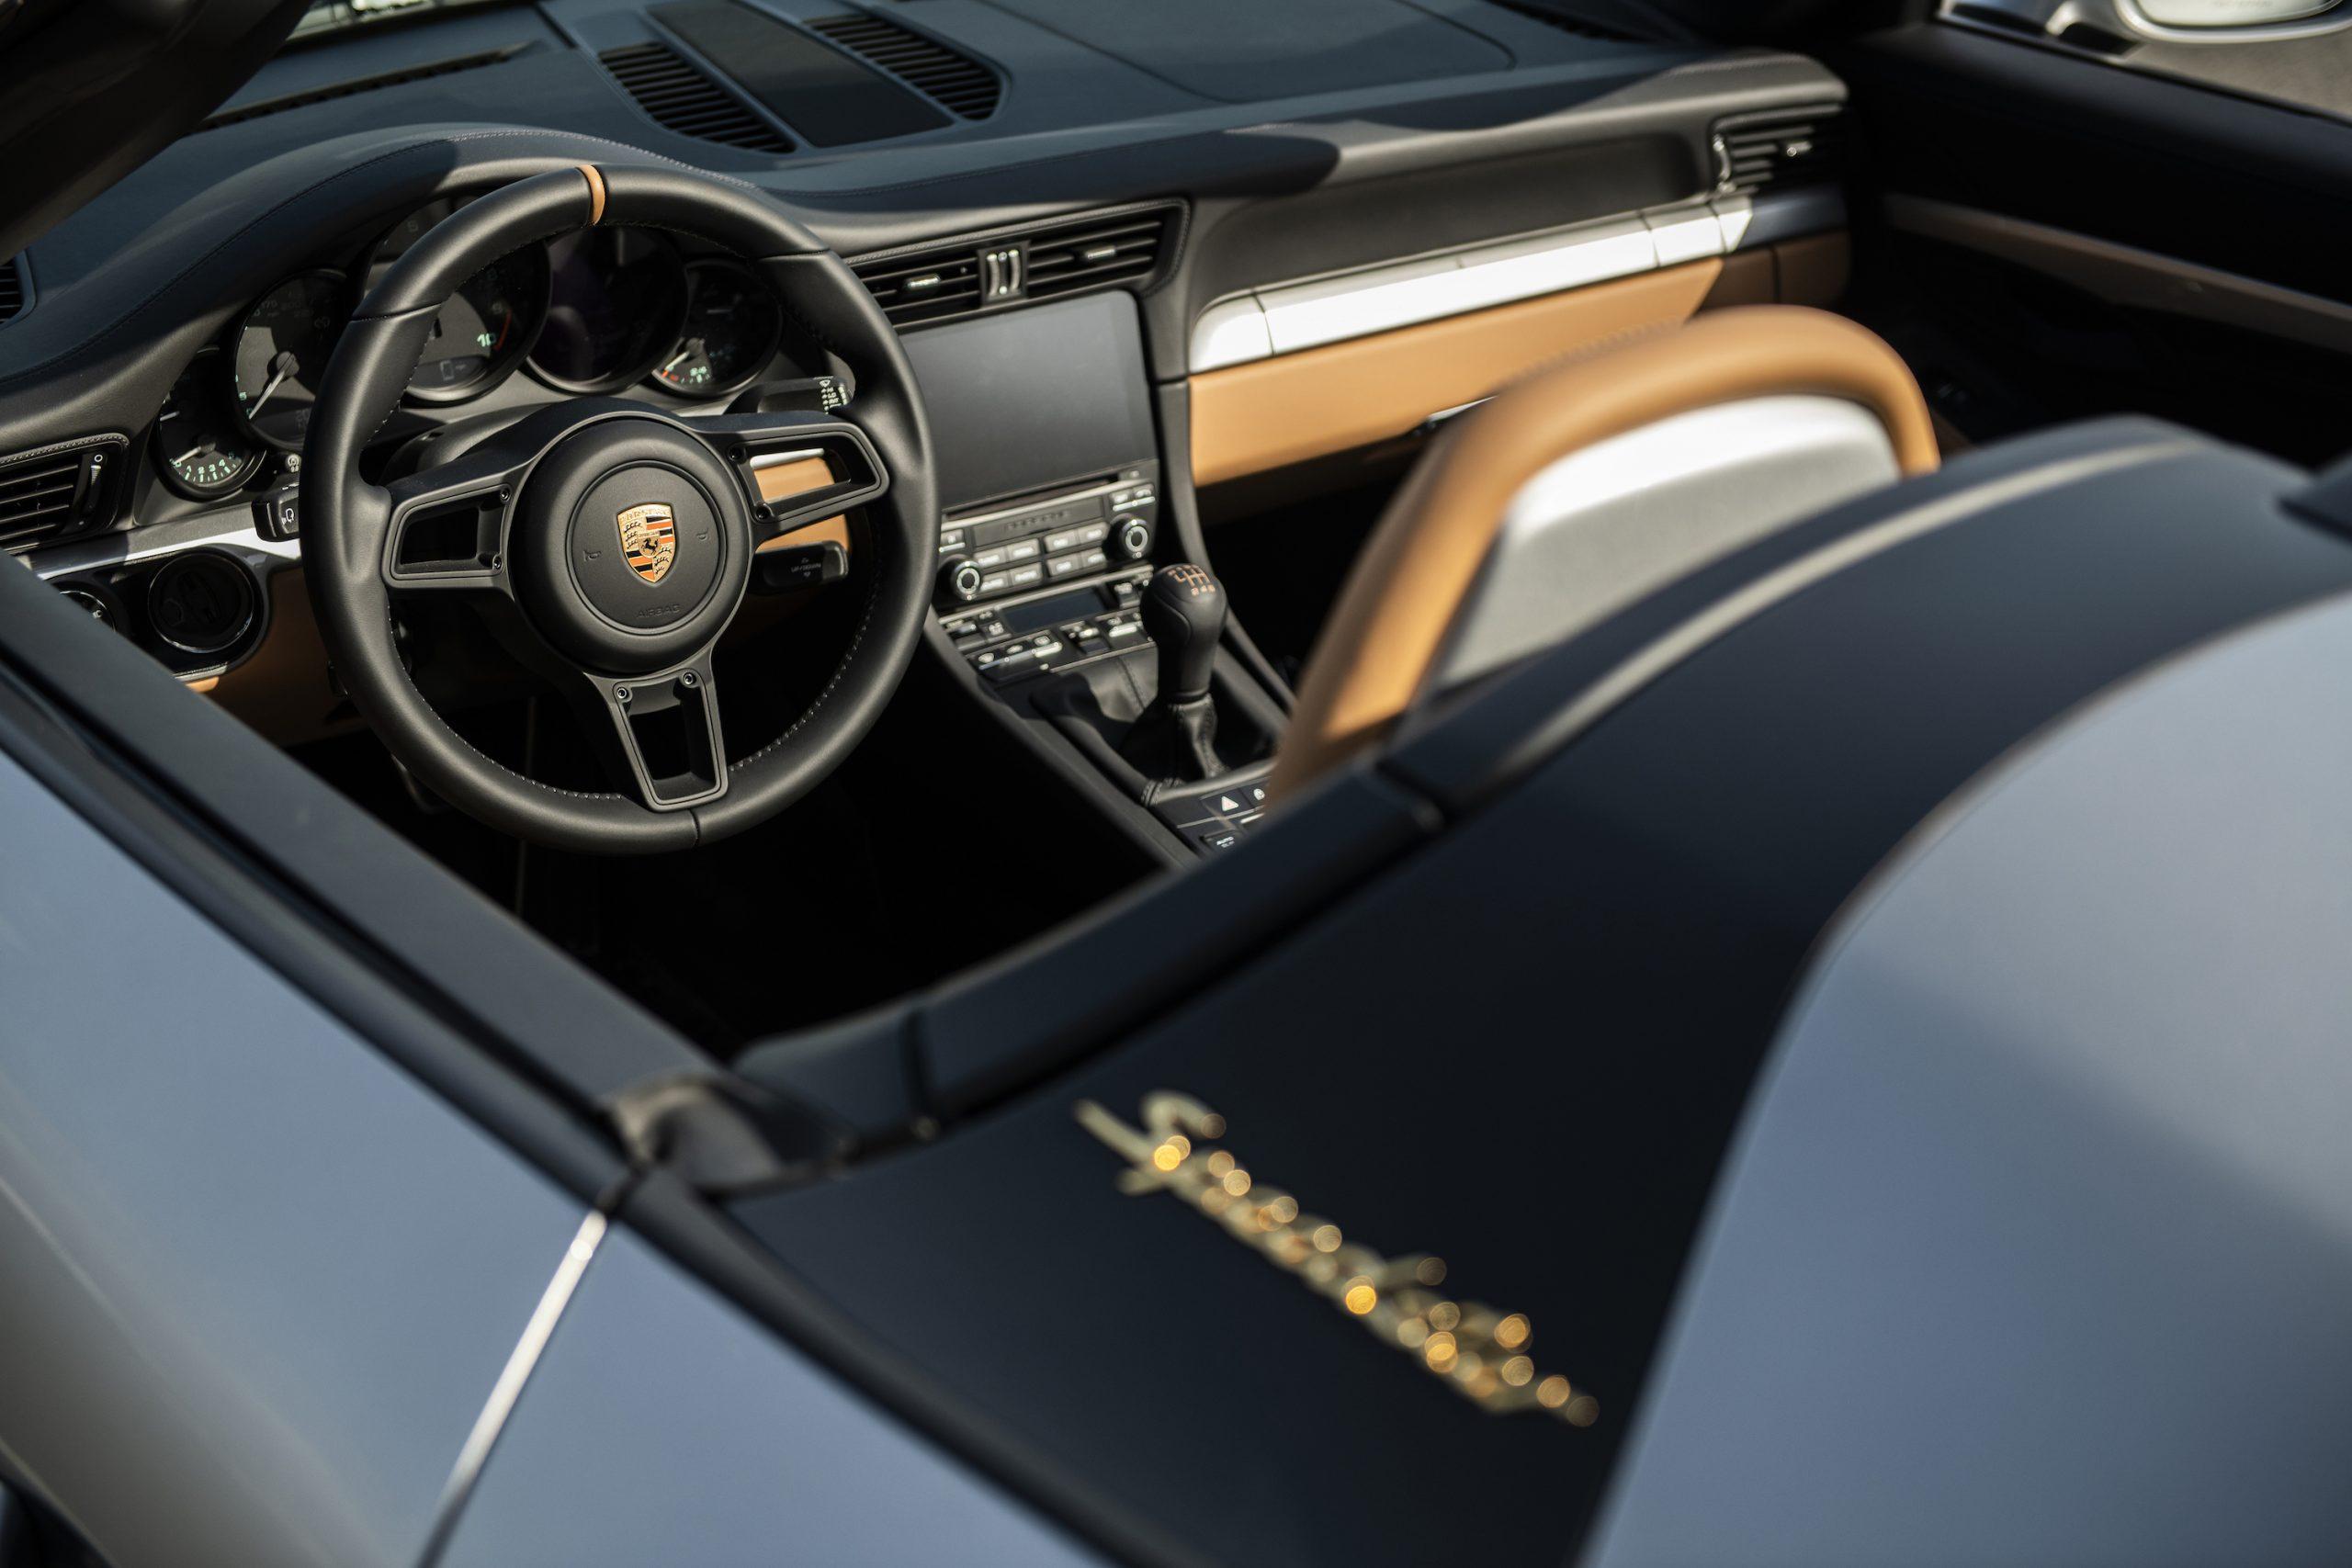 2019 Porsche 911 Speedster Heritage Design Interior Dash